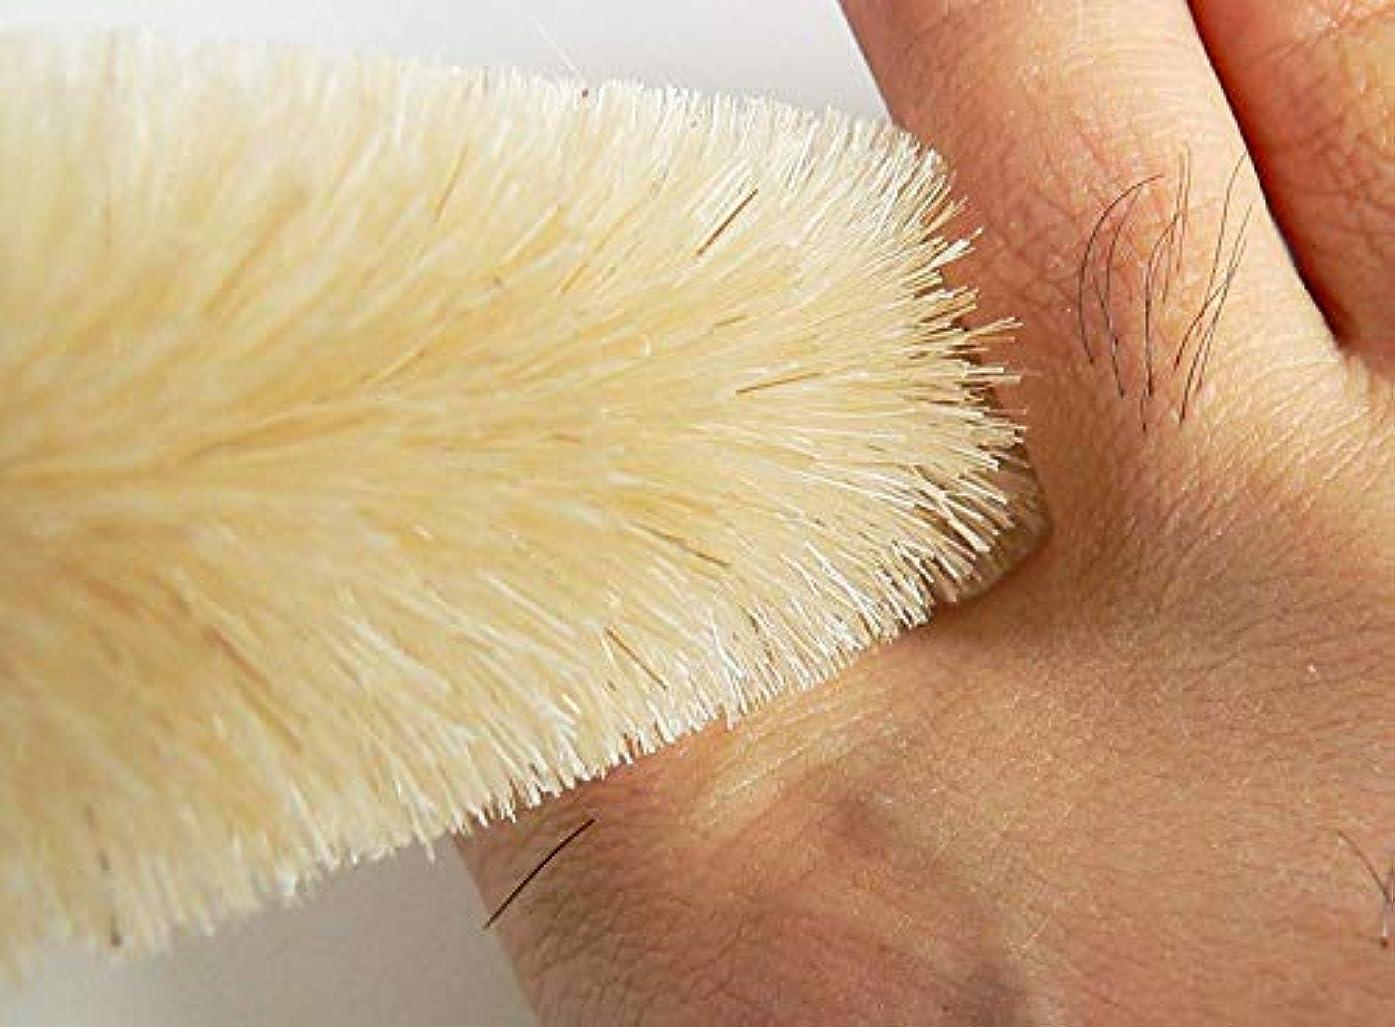 現金シャイニングそっと指の間がキレイに洗える、指間専用ブラシ 白馬毛?普通 4本セット 通称フィンガーブラシ ※水虫防止、介護などに 浅草まーぶる